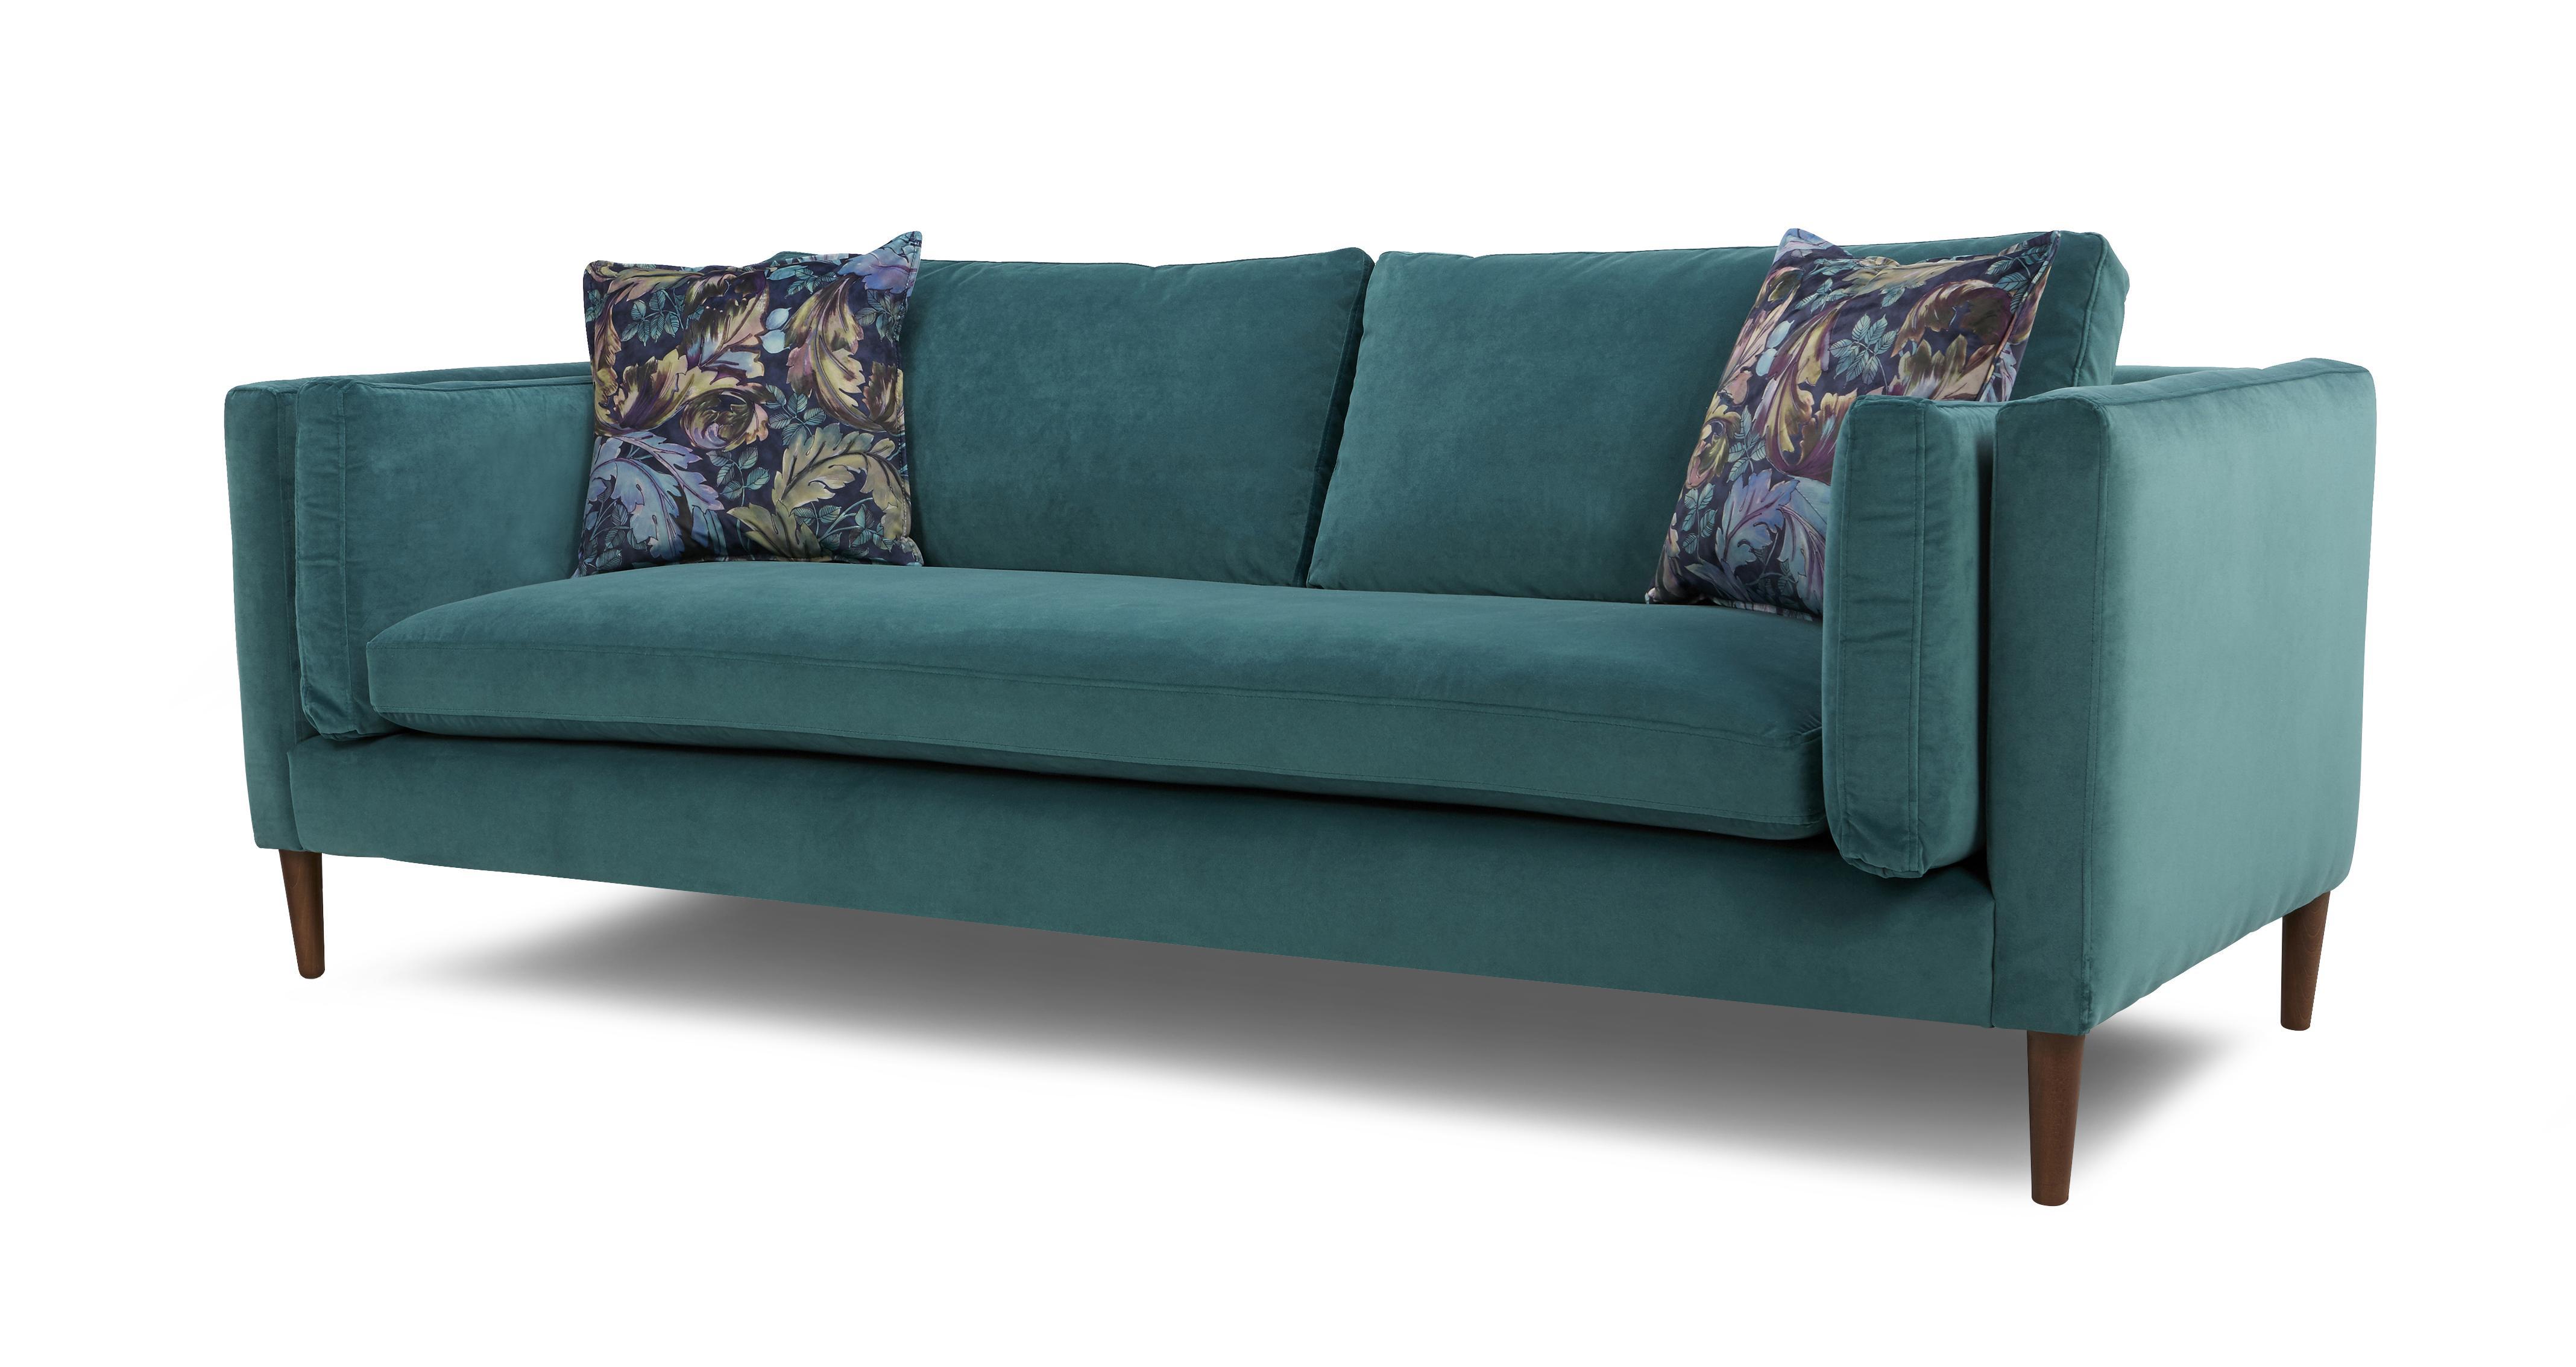 36 0    eden large sofa luxe velvet   dfs  rh   dfs co uk